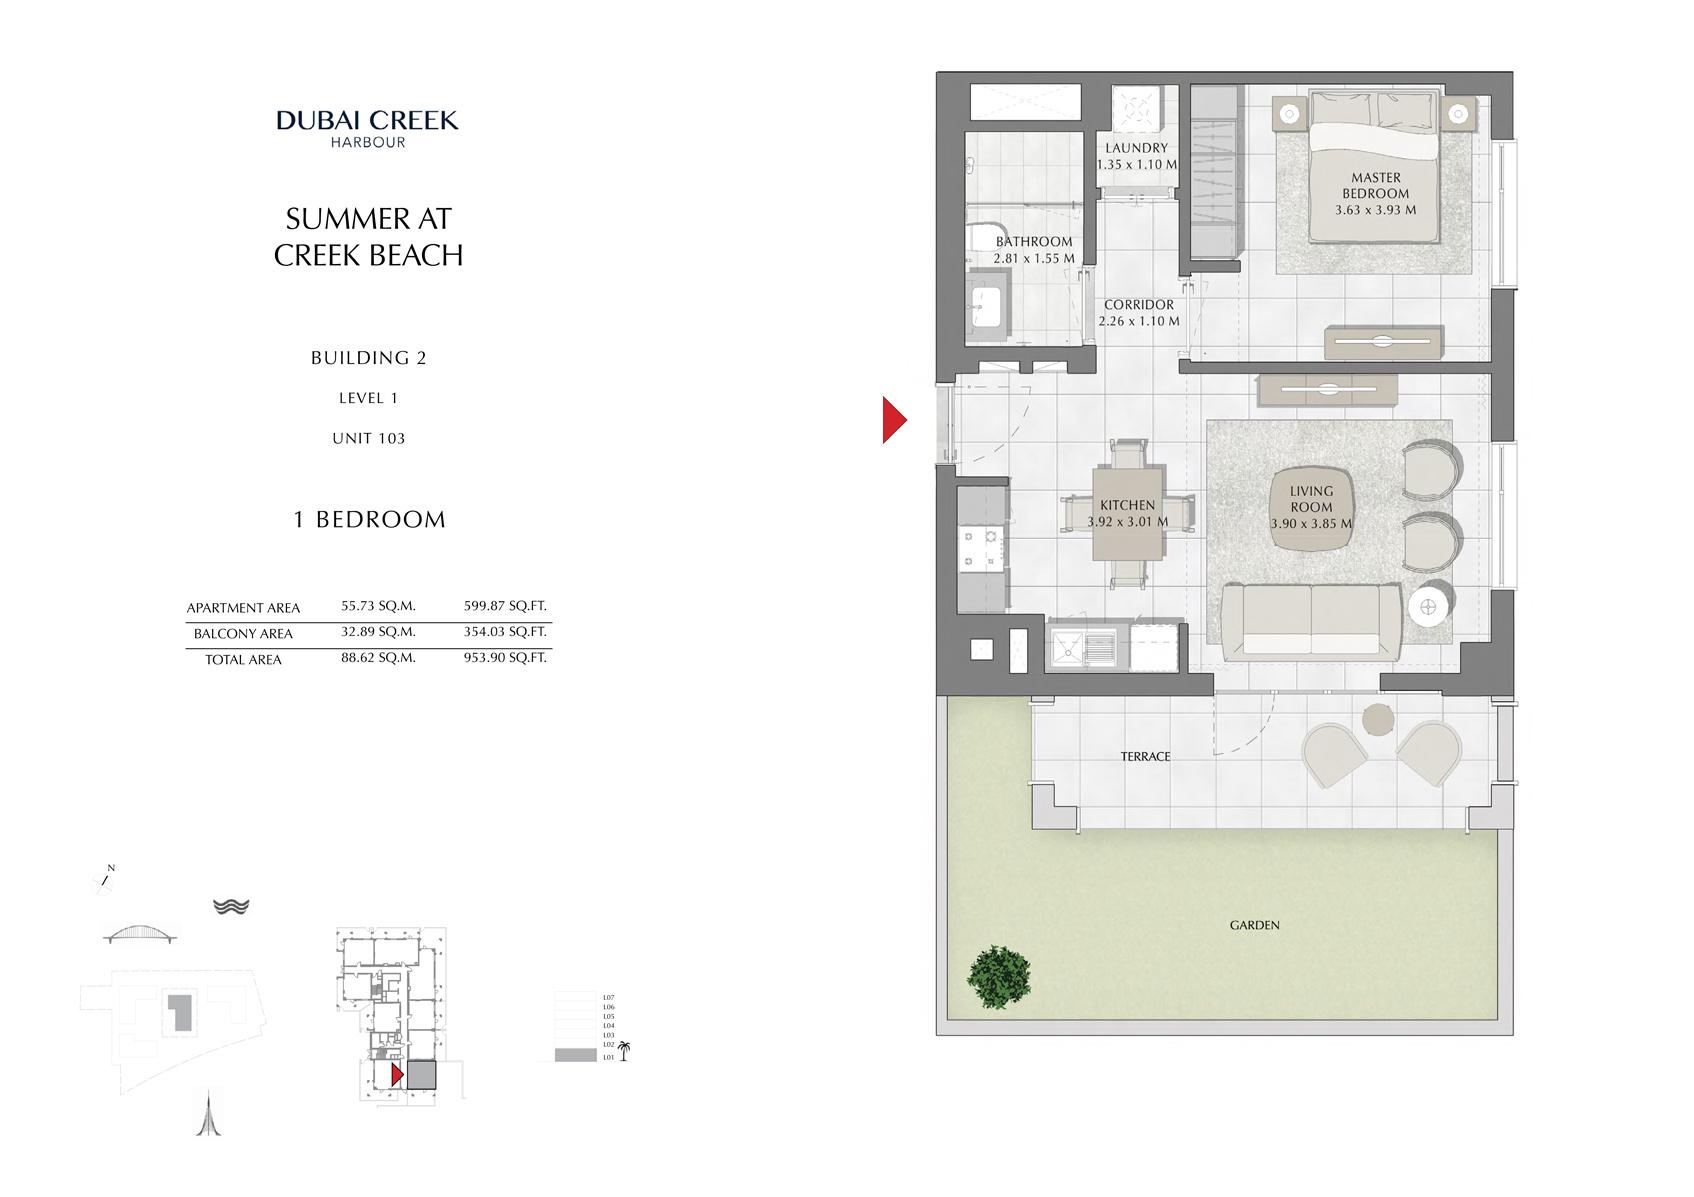 1 Br Building 2 Level 1 Unit 103, Size 953 Sq Ft